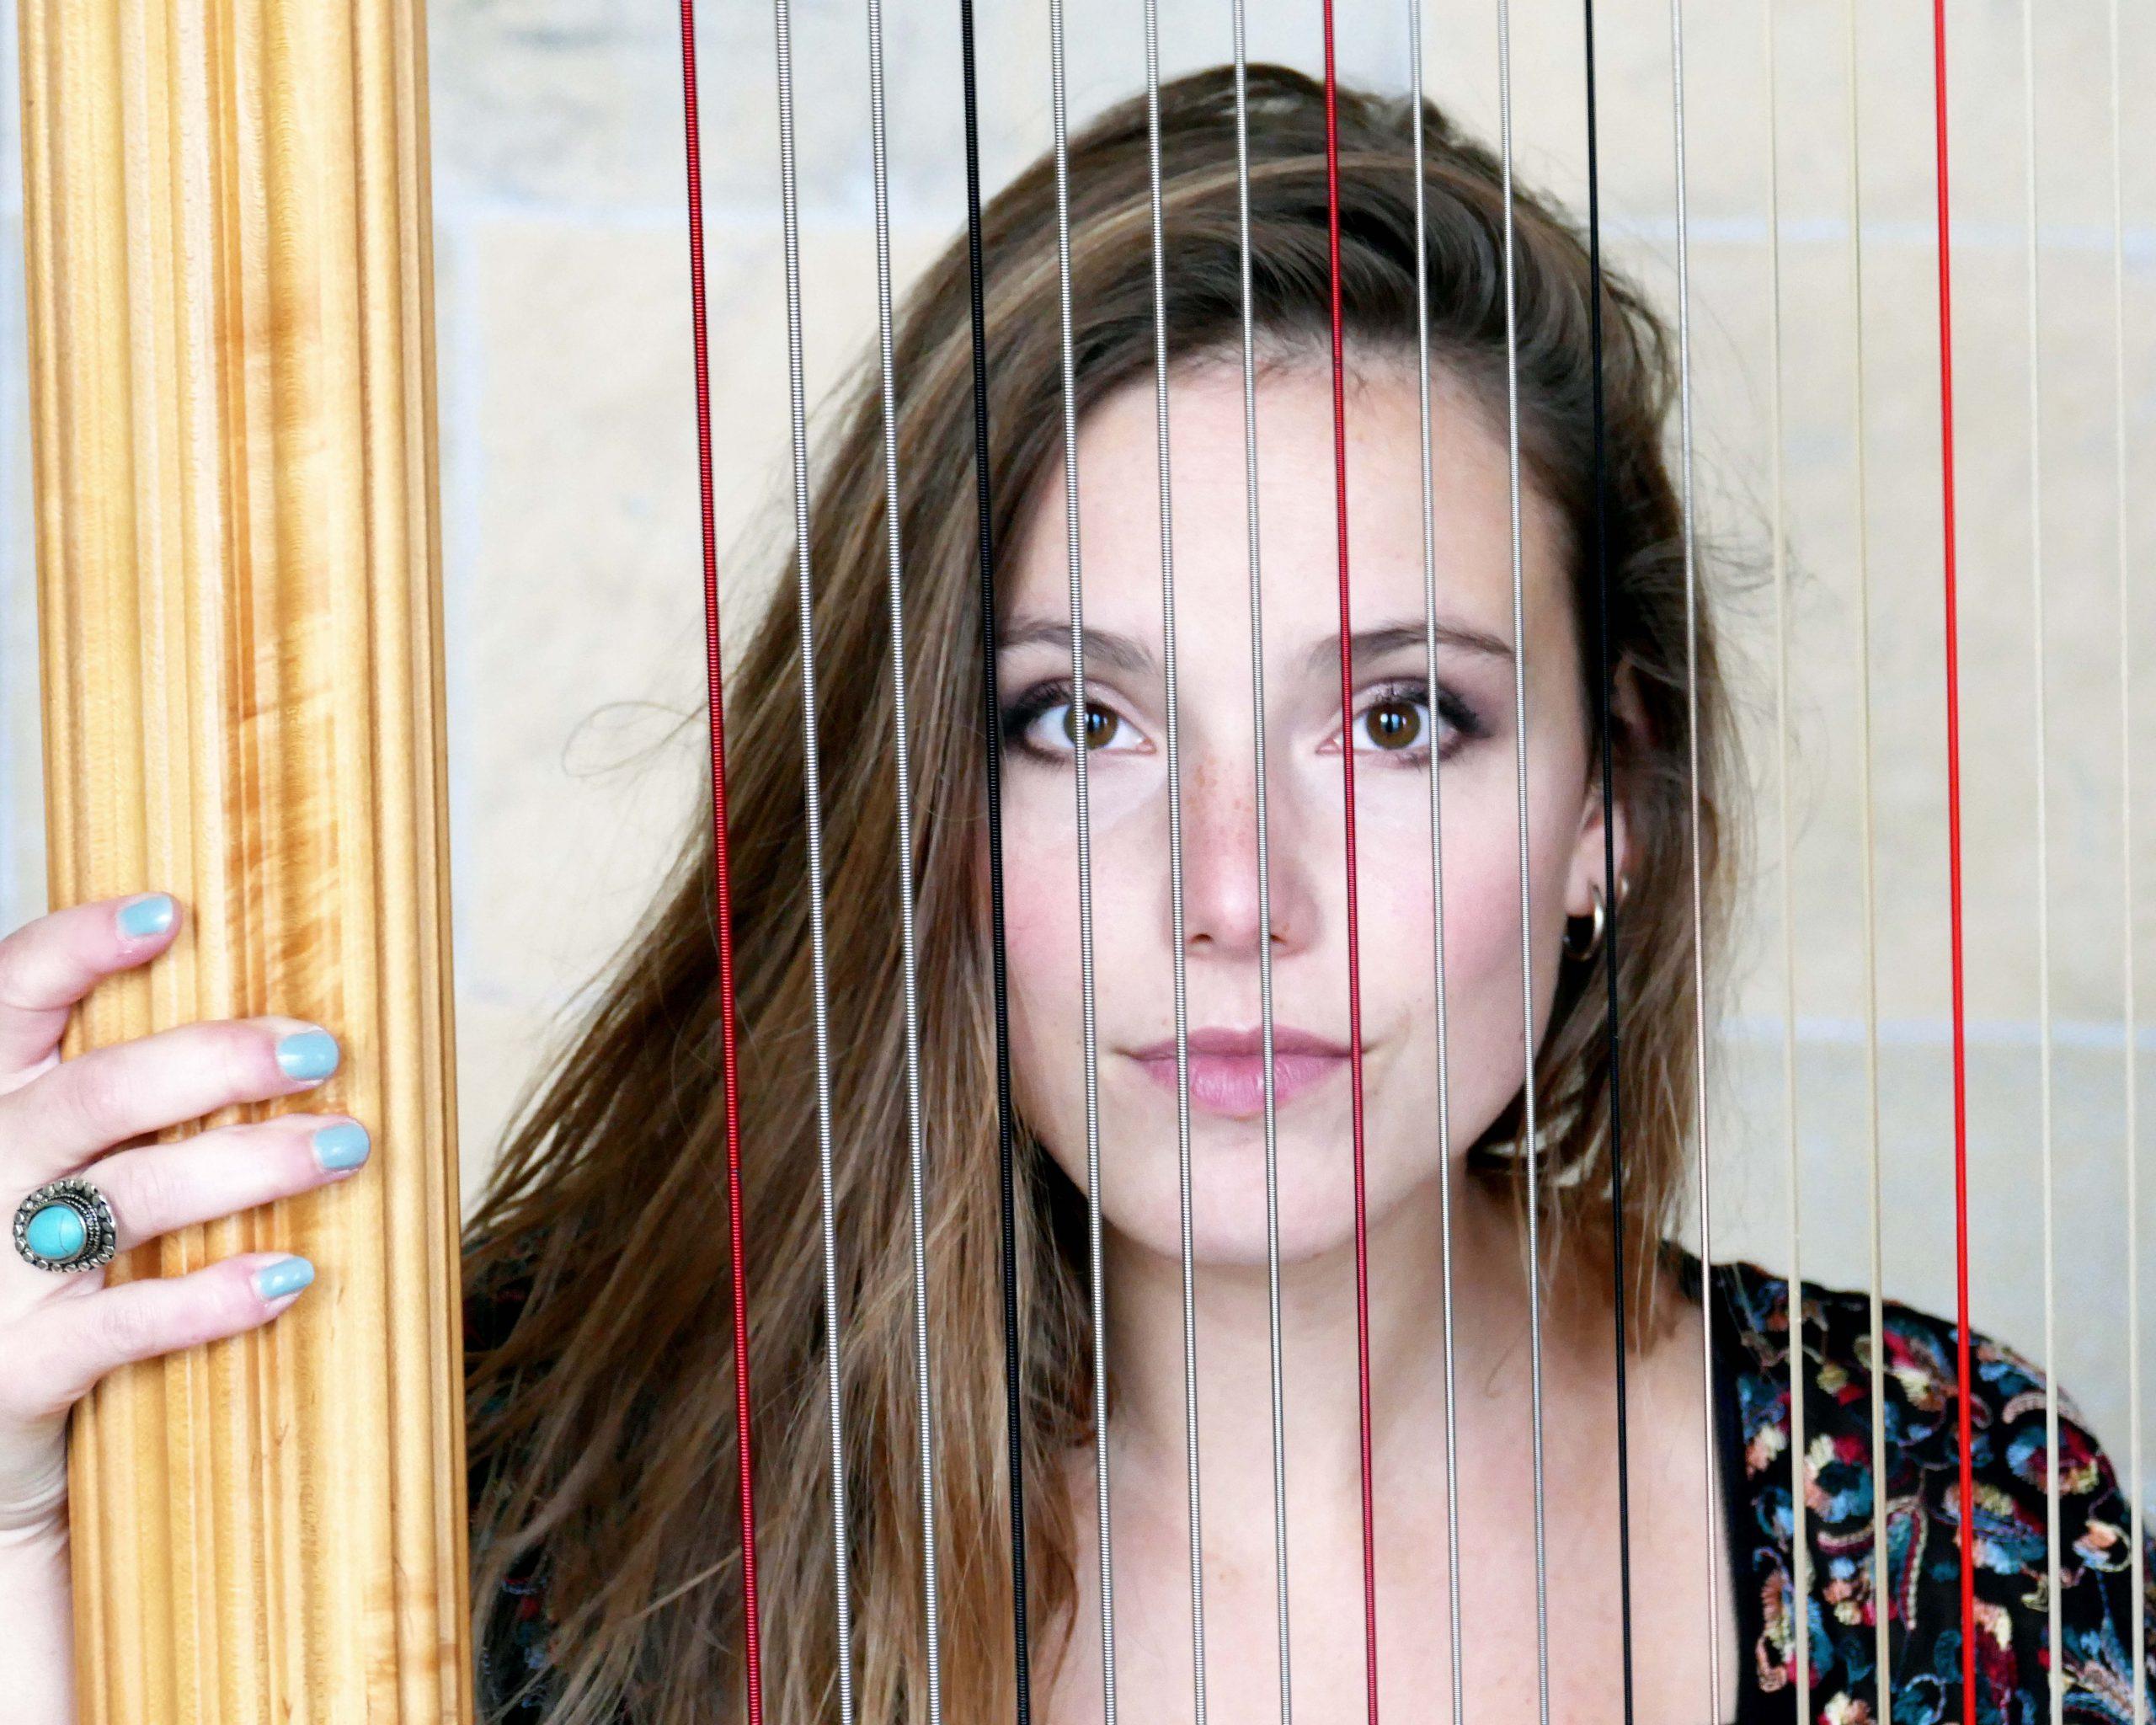 Laudine Dard Harpist at KCC London Ph: Morven Brown